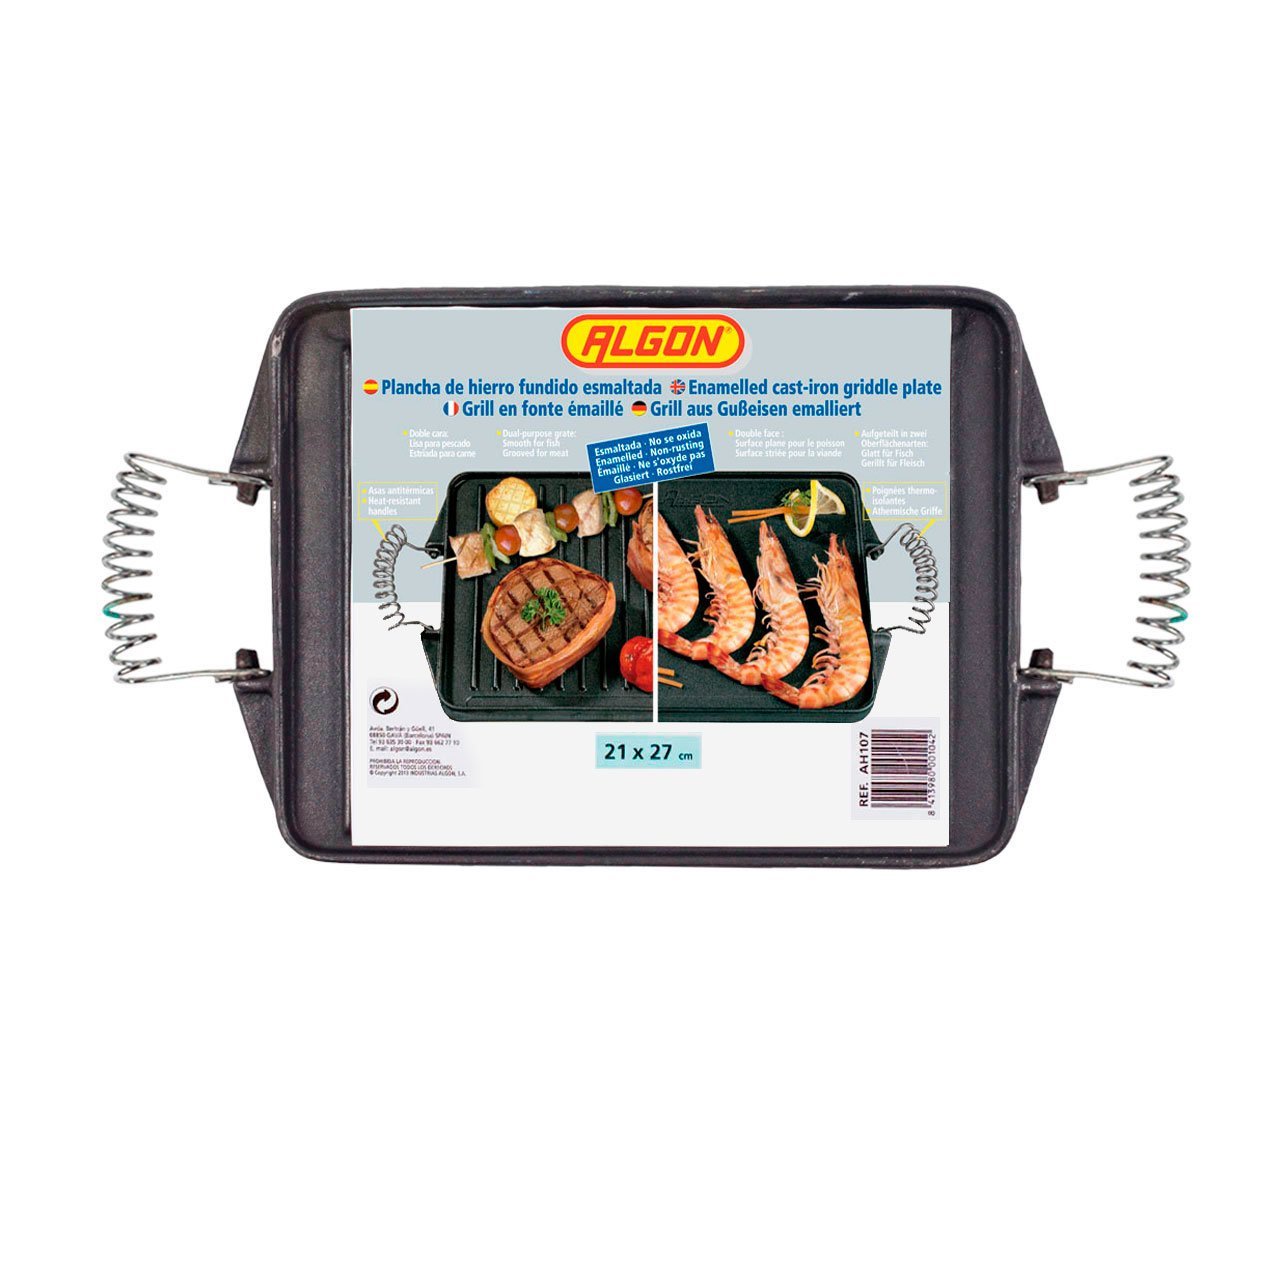 Algon AH107 - Plancha de cocina con doble cara, inoxidable, Rectangular: Amazon.es: Hogar